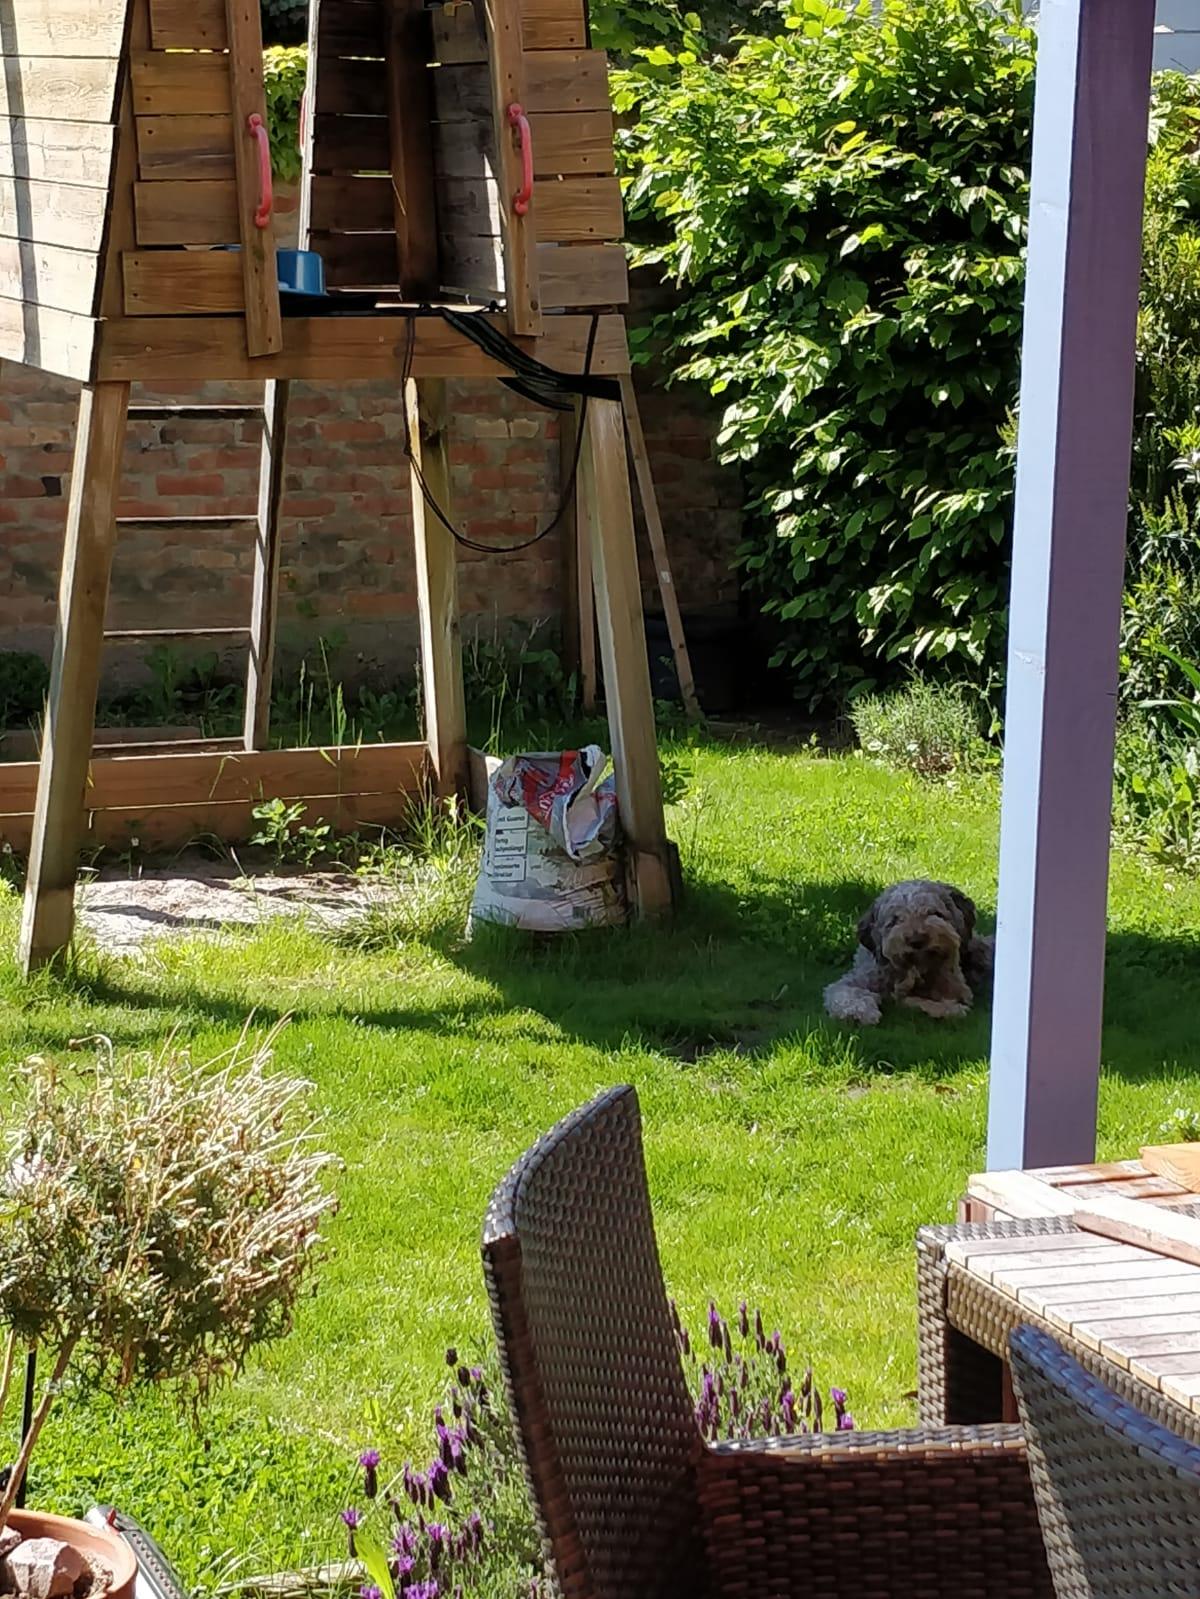 Calimero, mein Garten, mein Schatten